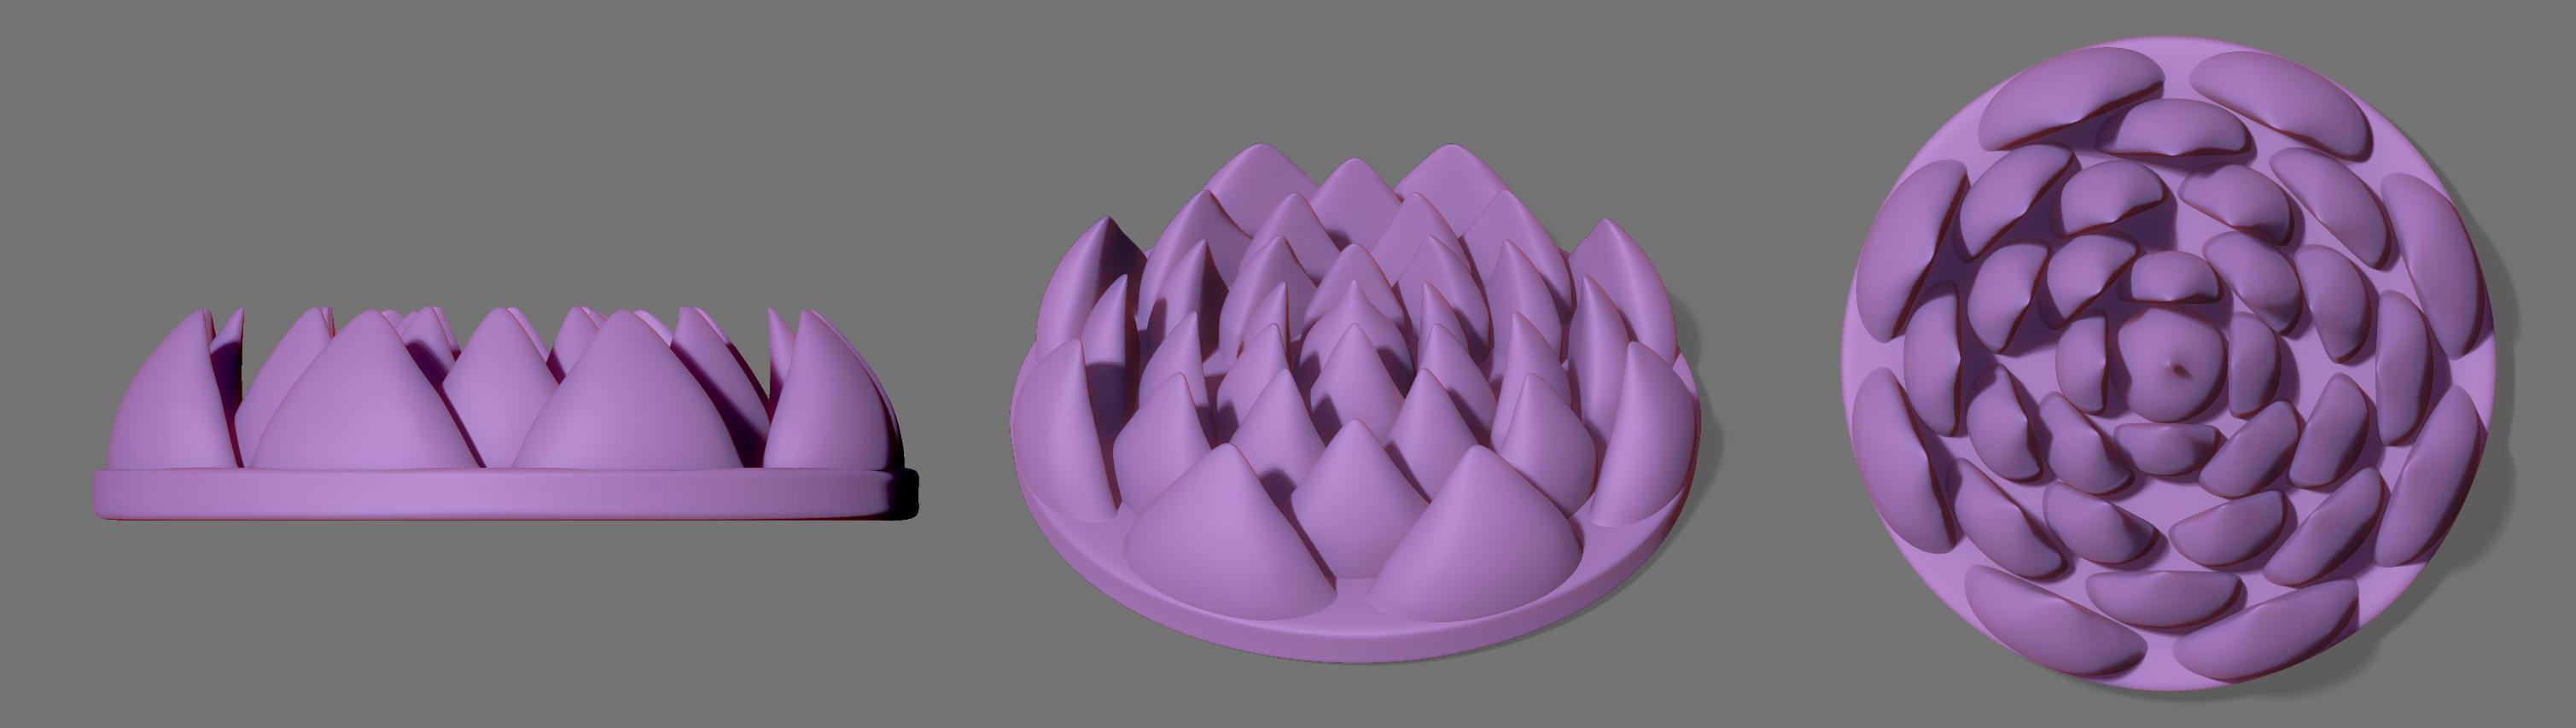 Сделать 3D модель массажного элемента формат STP/UG фото f_0315d2818de576a1.jpg